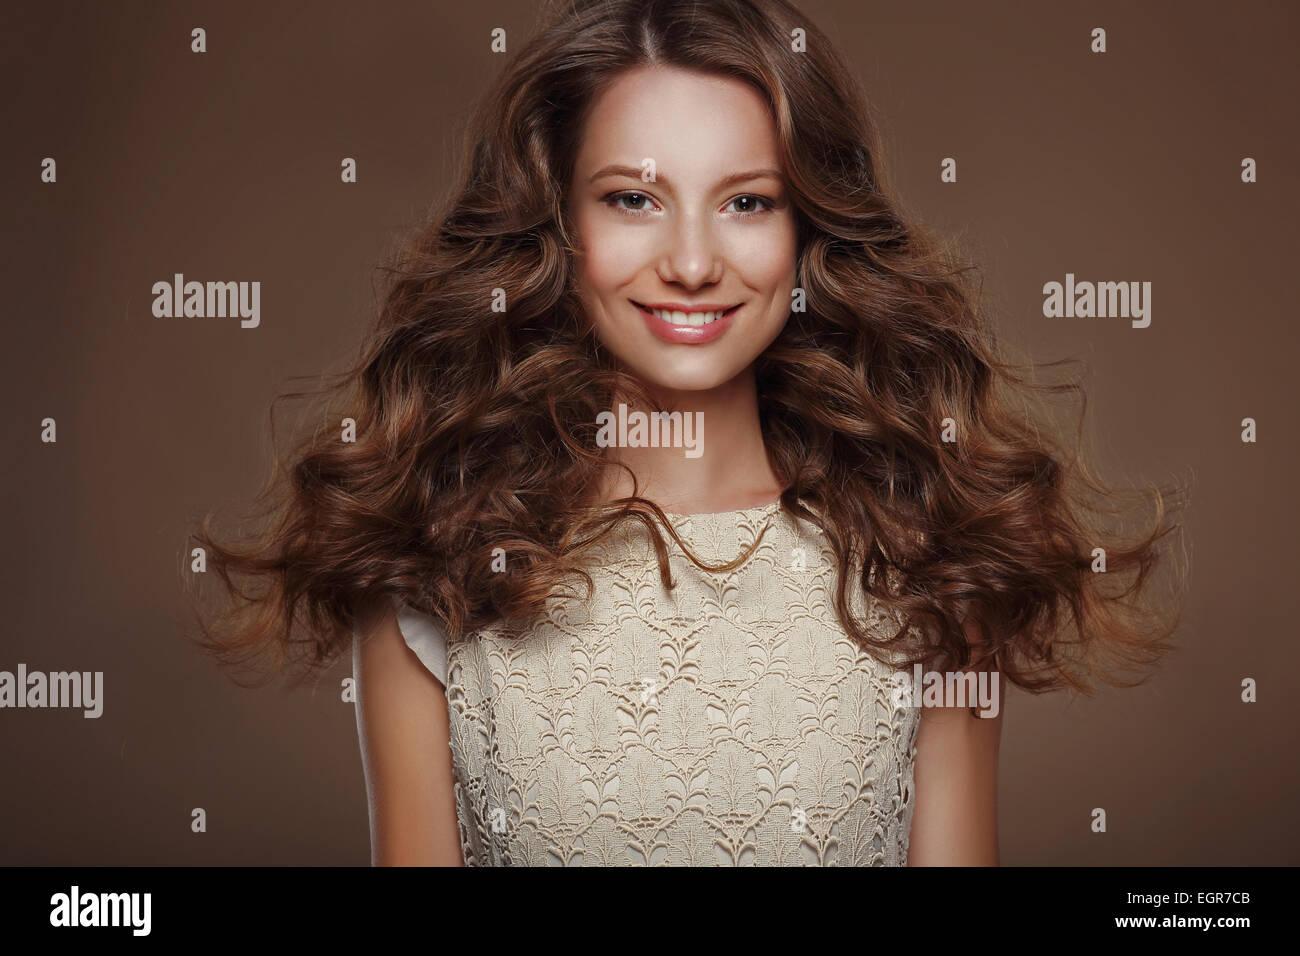 Hermosa Morena feliz con mucho pelo rizado Imagen De Stock